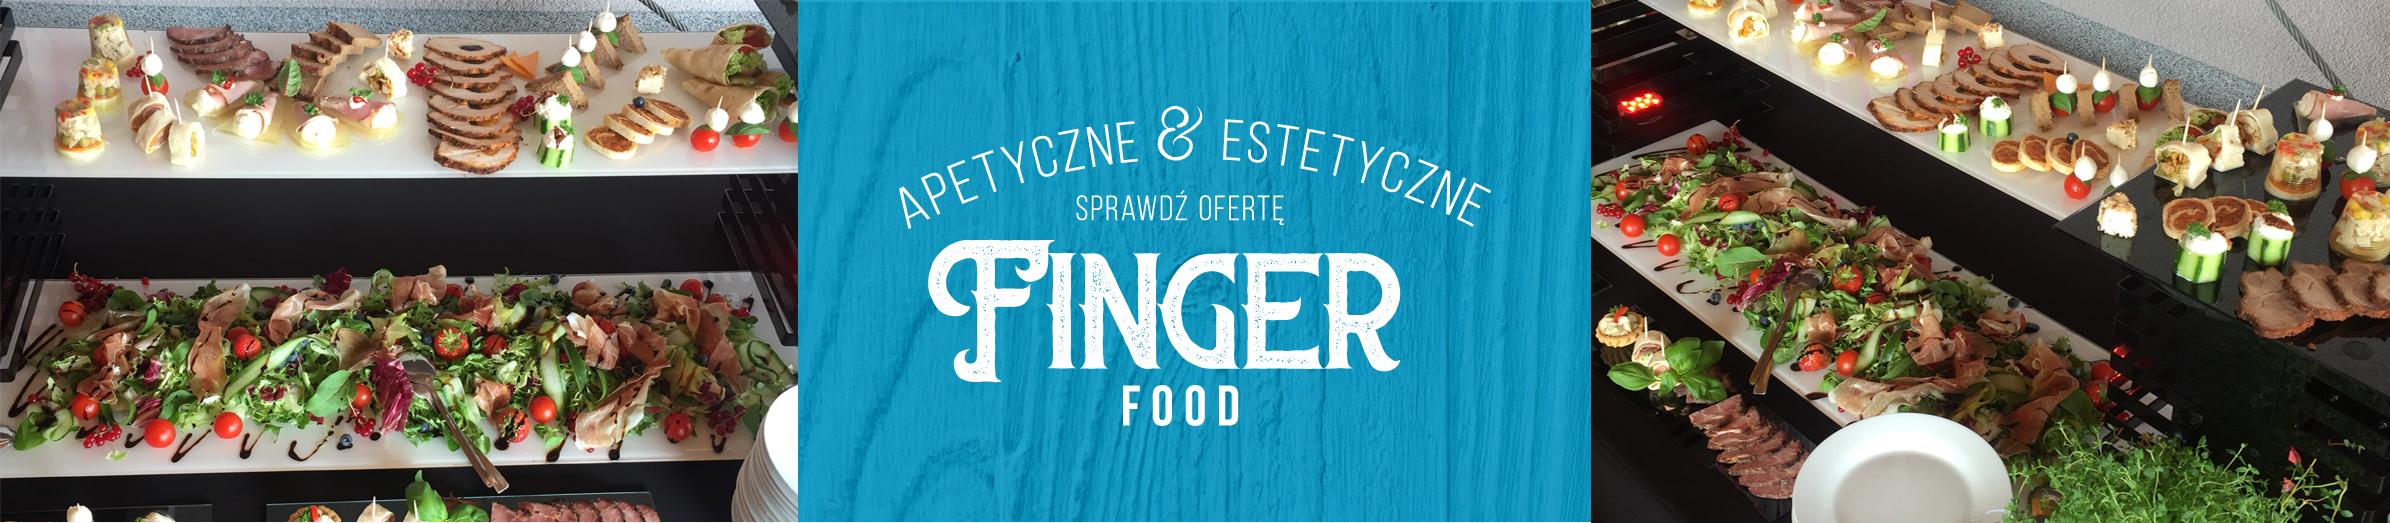 finger food po swiecie kuchni catering bielsko-biała obiady domowe obiady dla firmdobre jedzenie tani catering